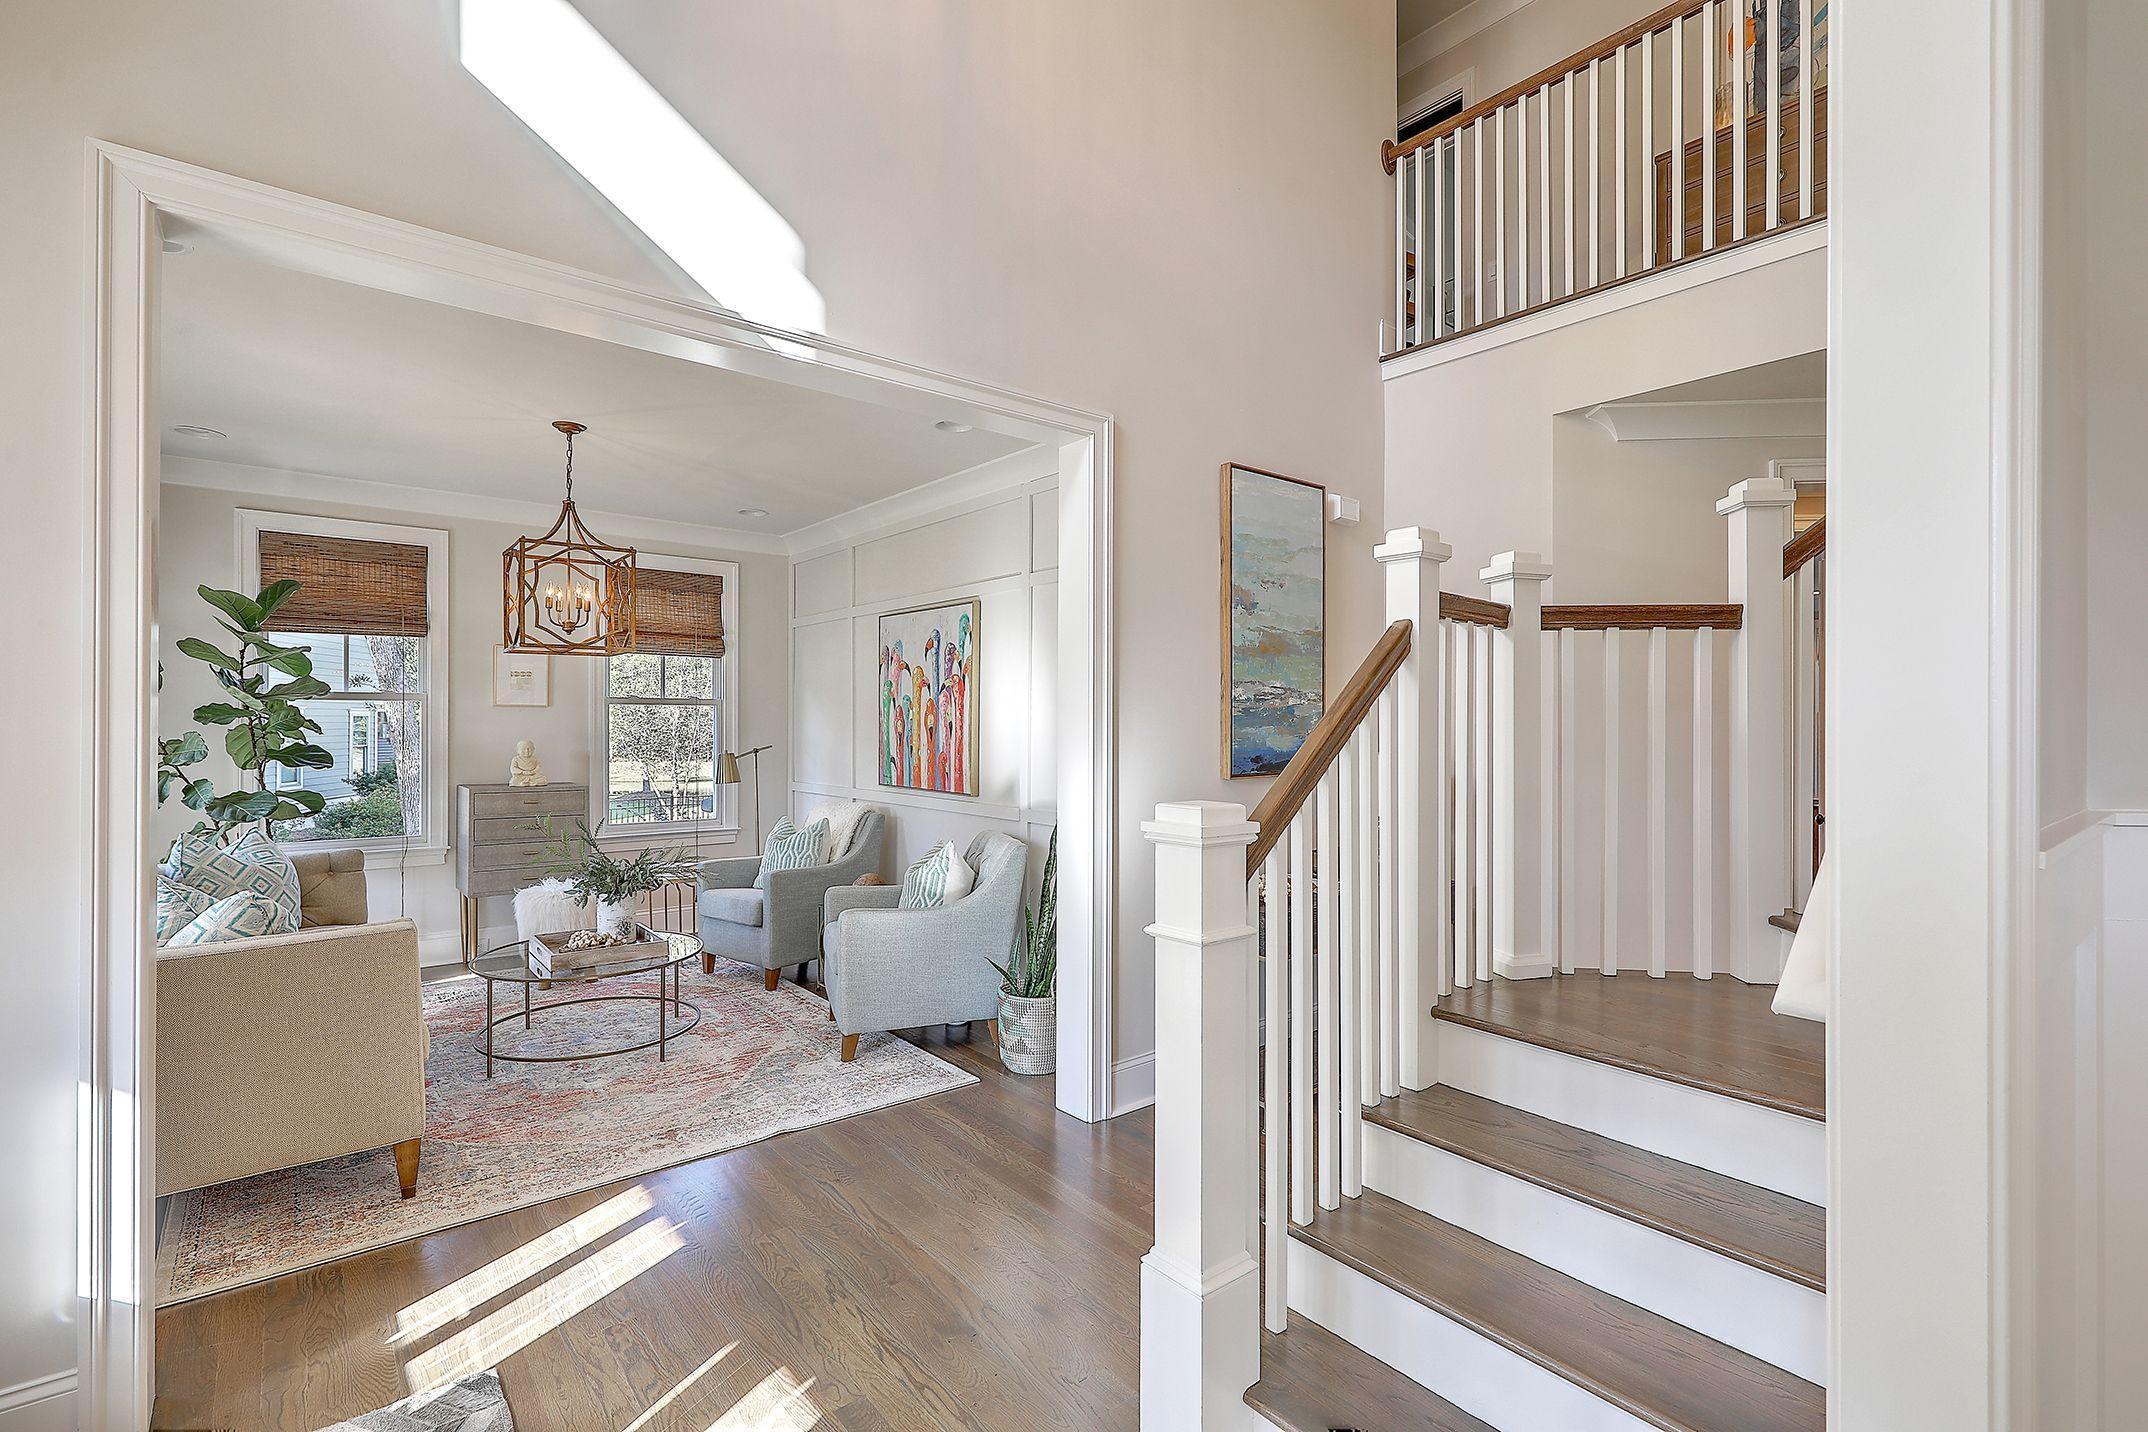 Park West Homes For Sale - 1587 Capel, Mount Pleasant, SC - 67